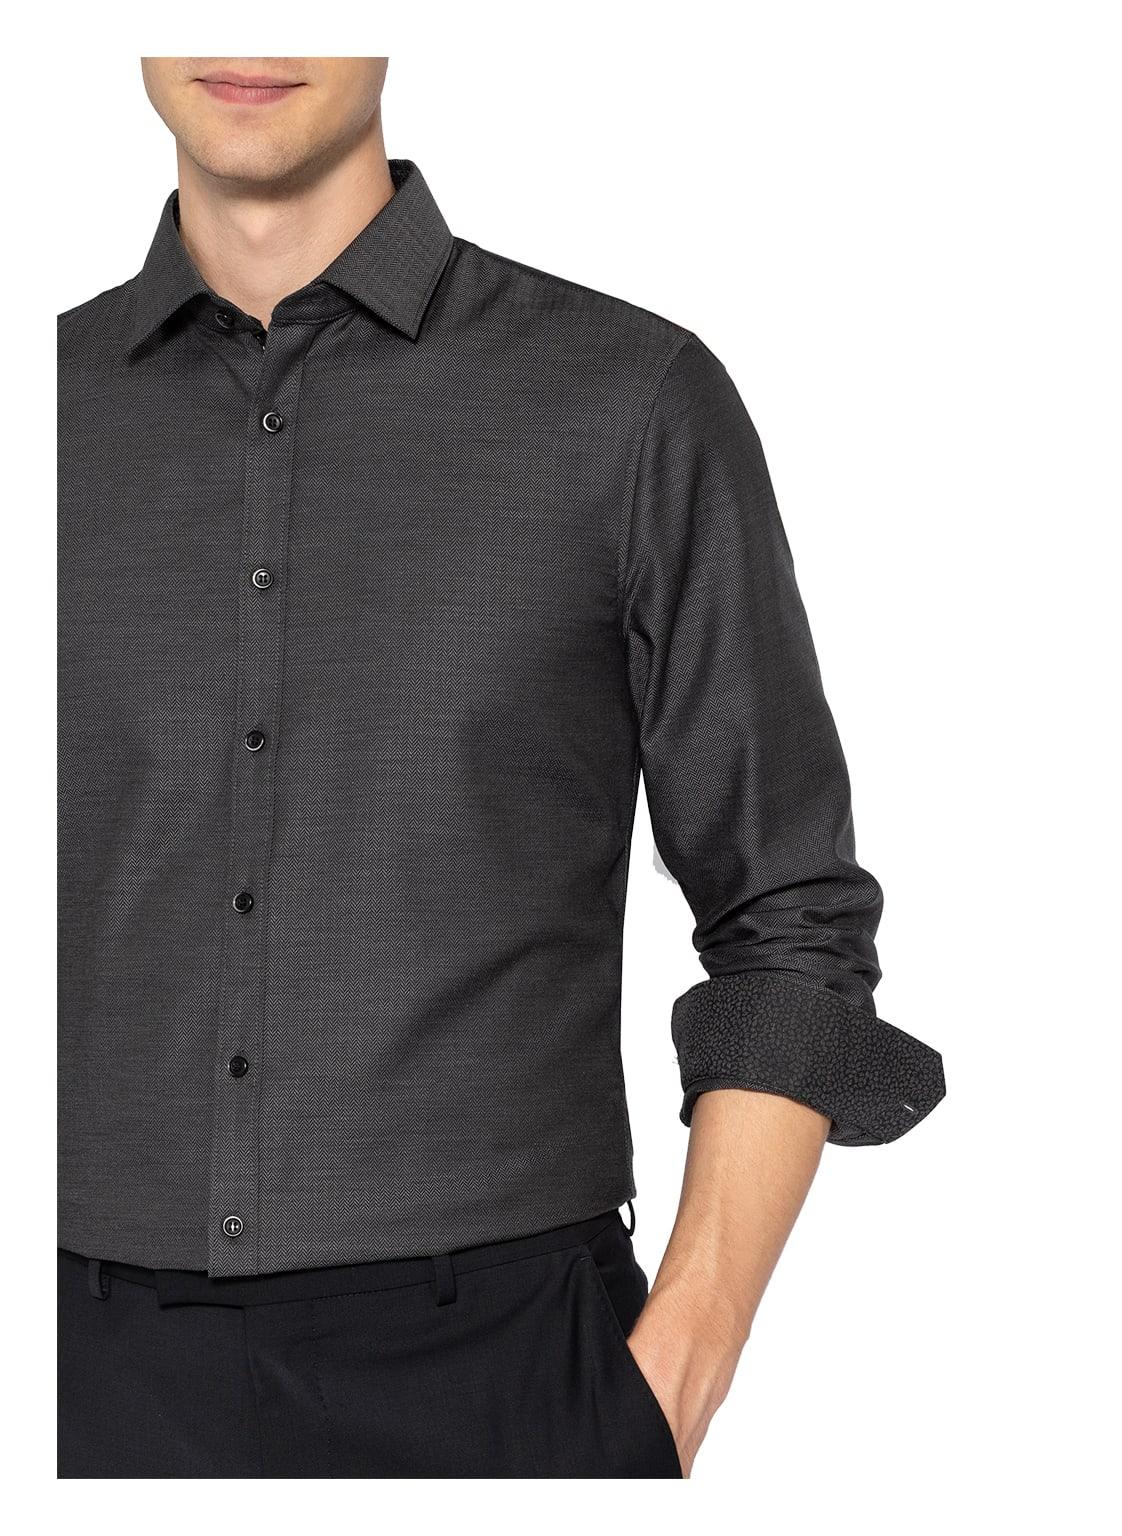 [Breuninger] Olymp Hemden, z.B. Level 5 oder No. 6